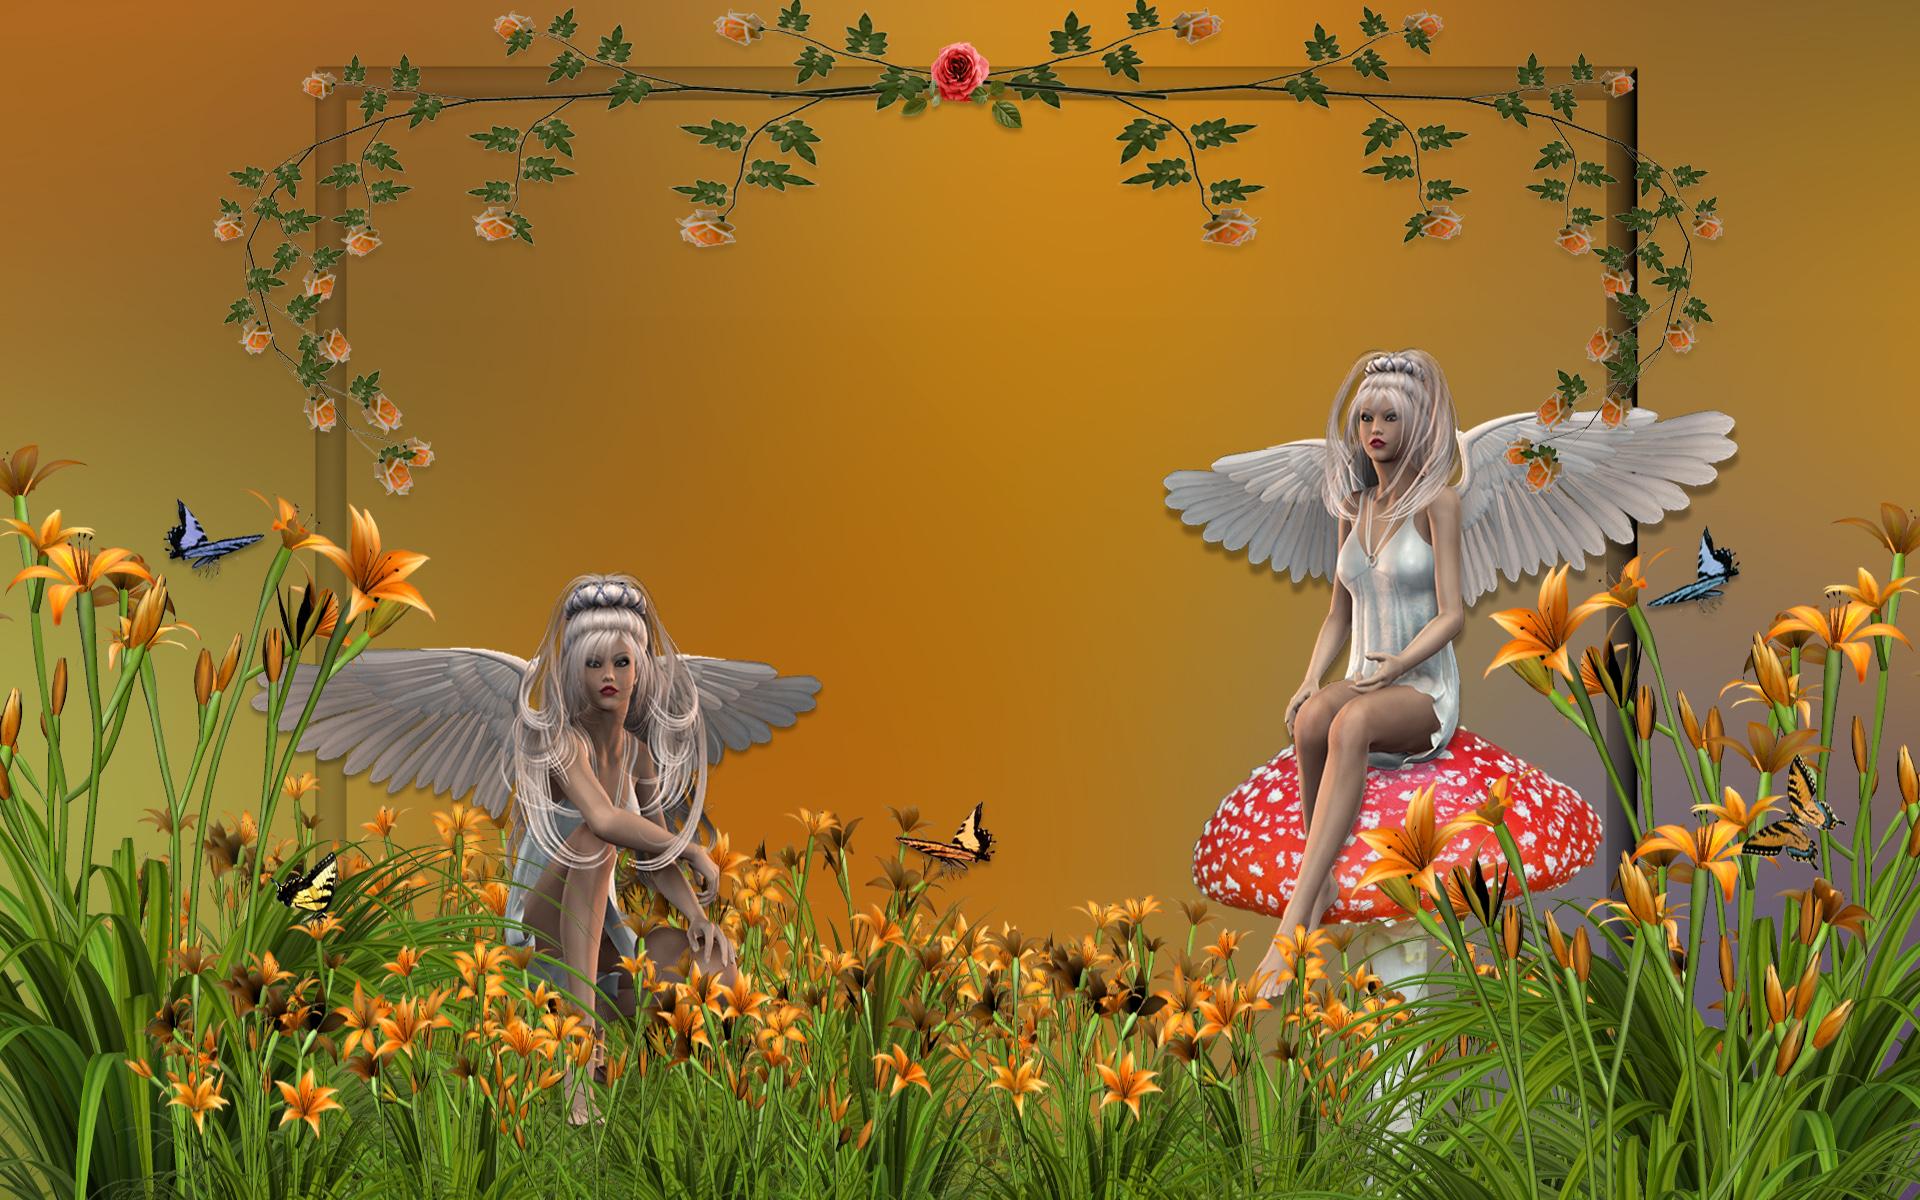 Garden Fairies 1920x1200